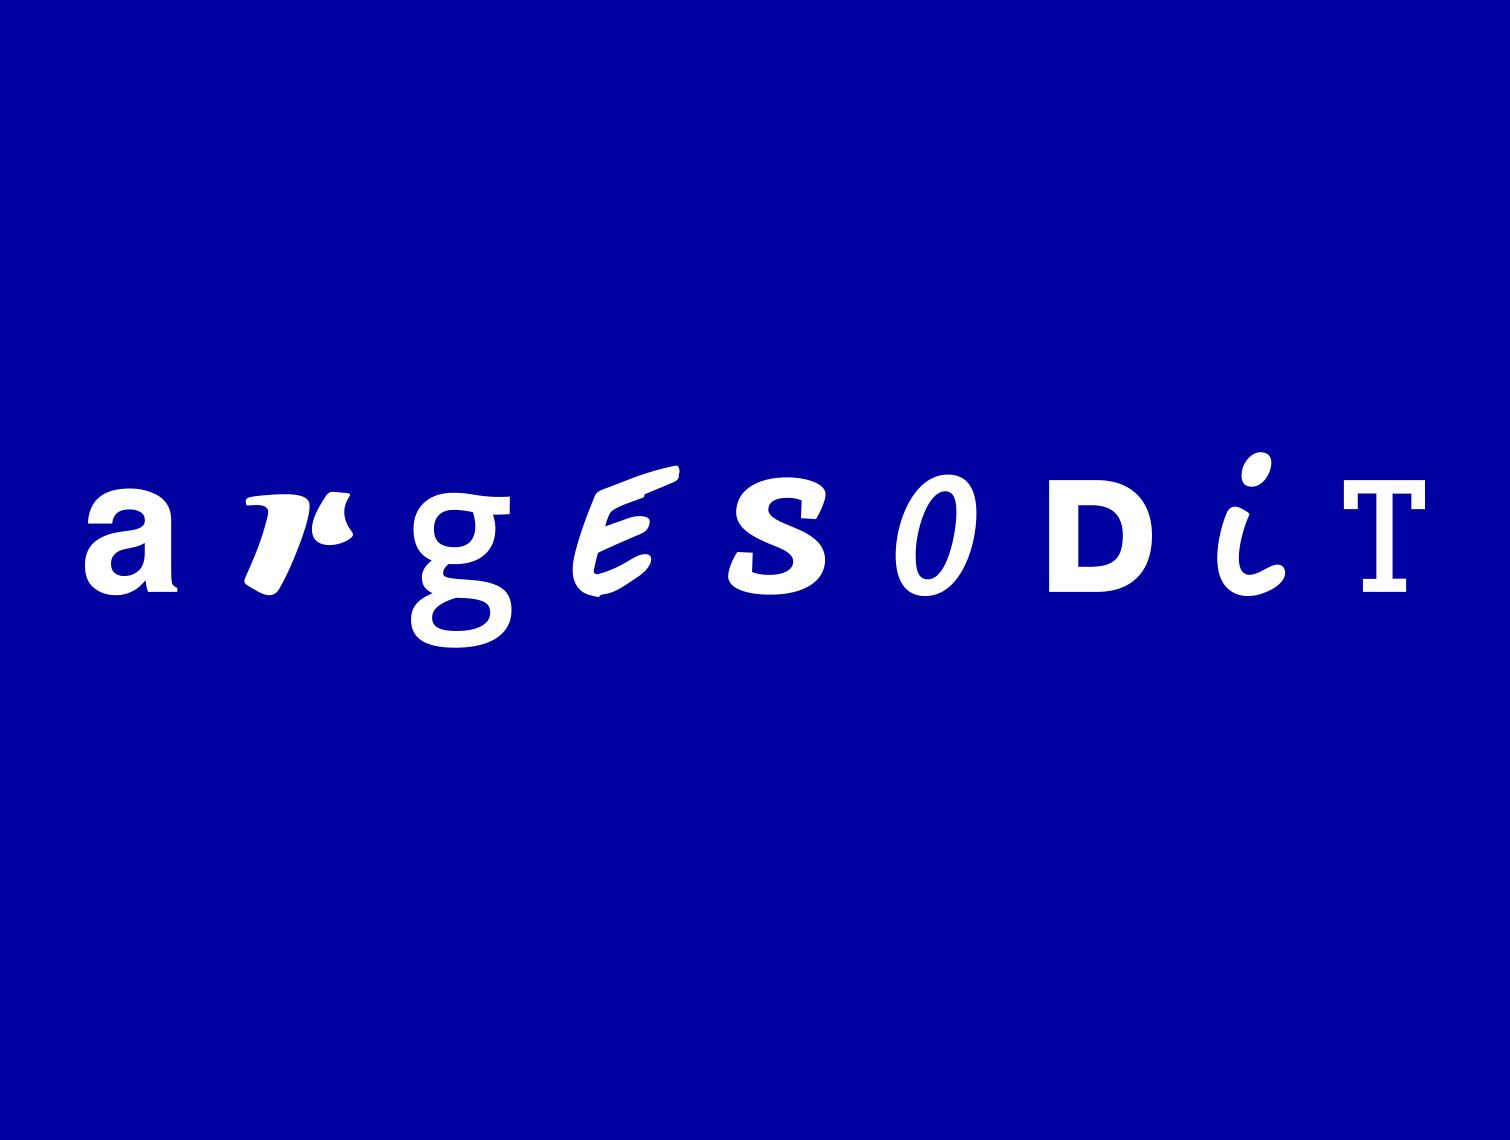 app_argesodit_1510x1140px.jpg